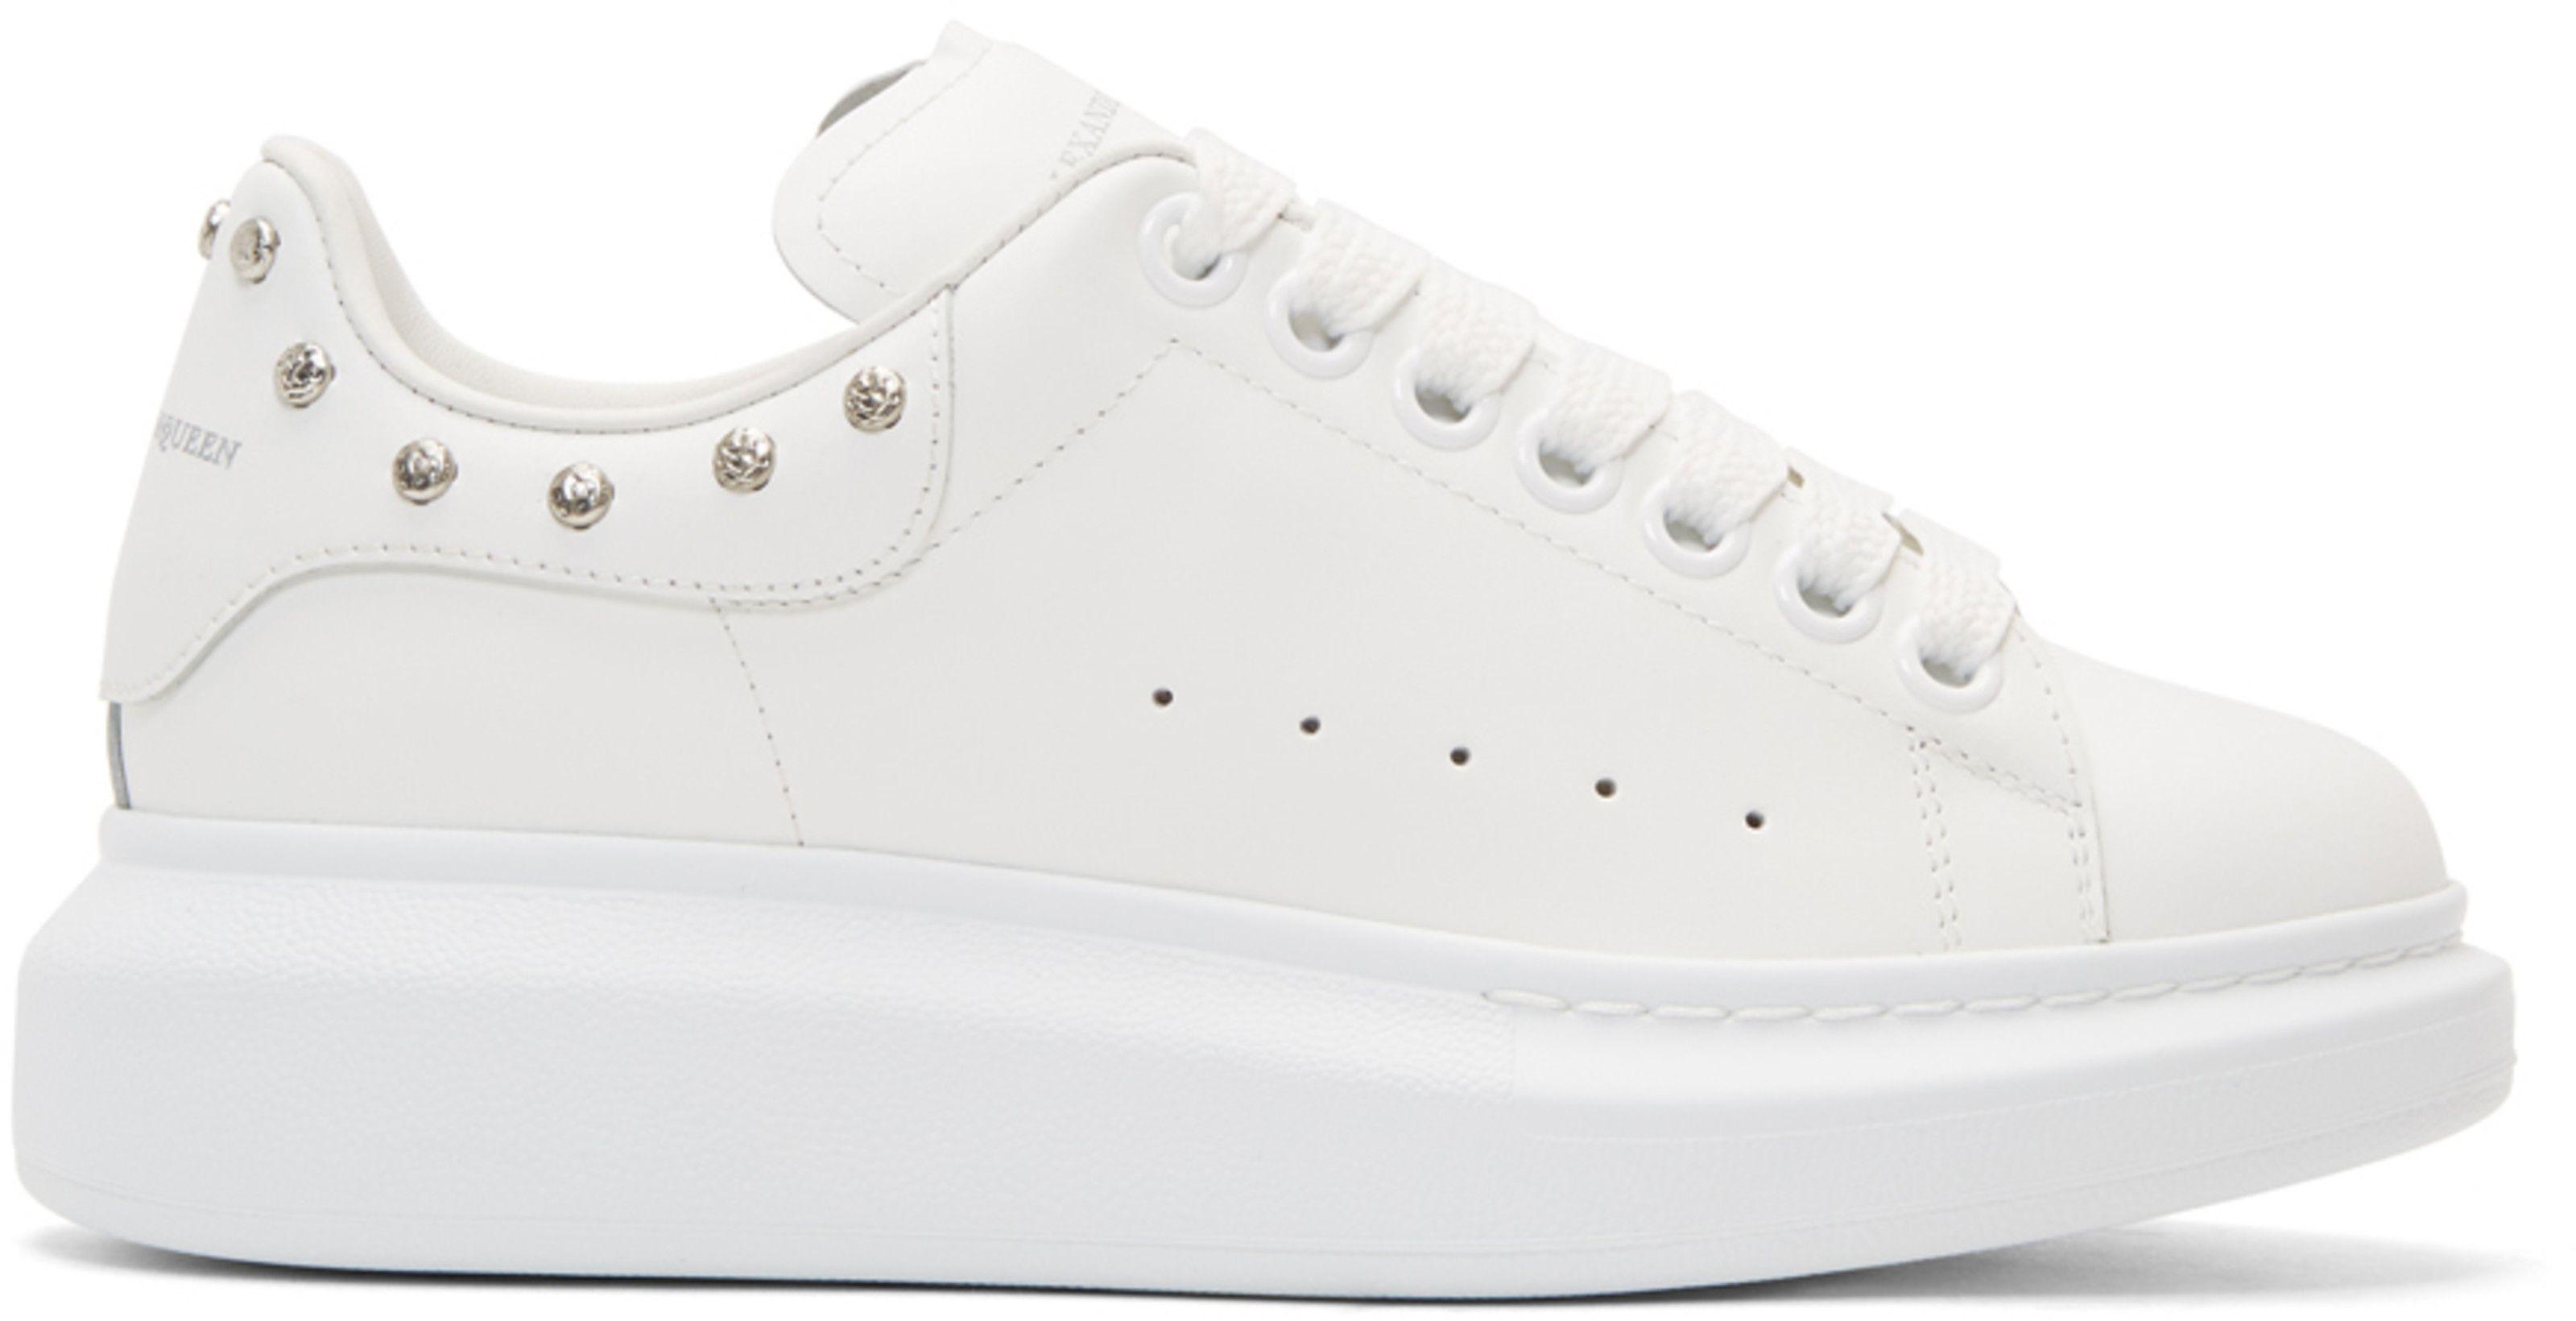 Alexander Mcqueen White Studded Oversized Sneakers Studded Sneakers Sneakers Alexander Mcqueen Handbags